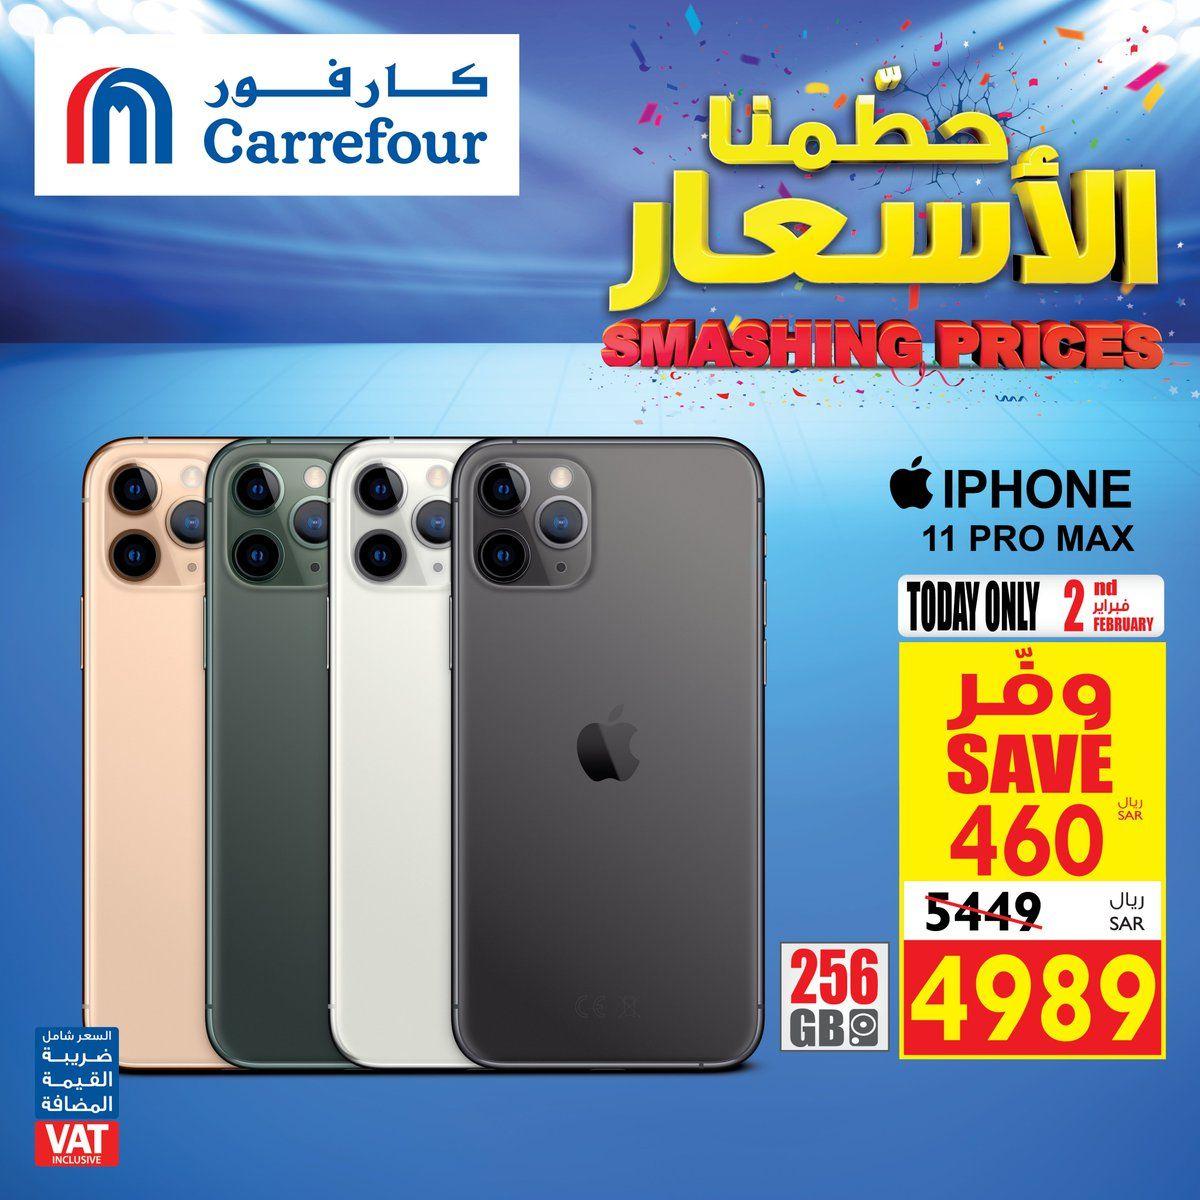 عروض كارفور عروض رائعة فقط ليوم ٨ جمادى الآخرة عروض كارفور السعودية Majidalfuttaim Greatmoments Iphone 11 Samsung Galaxy Phone Iphone